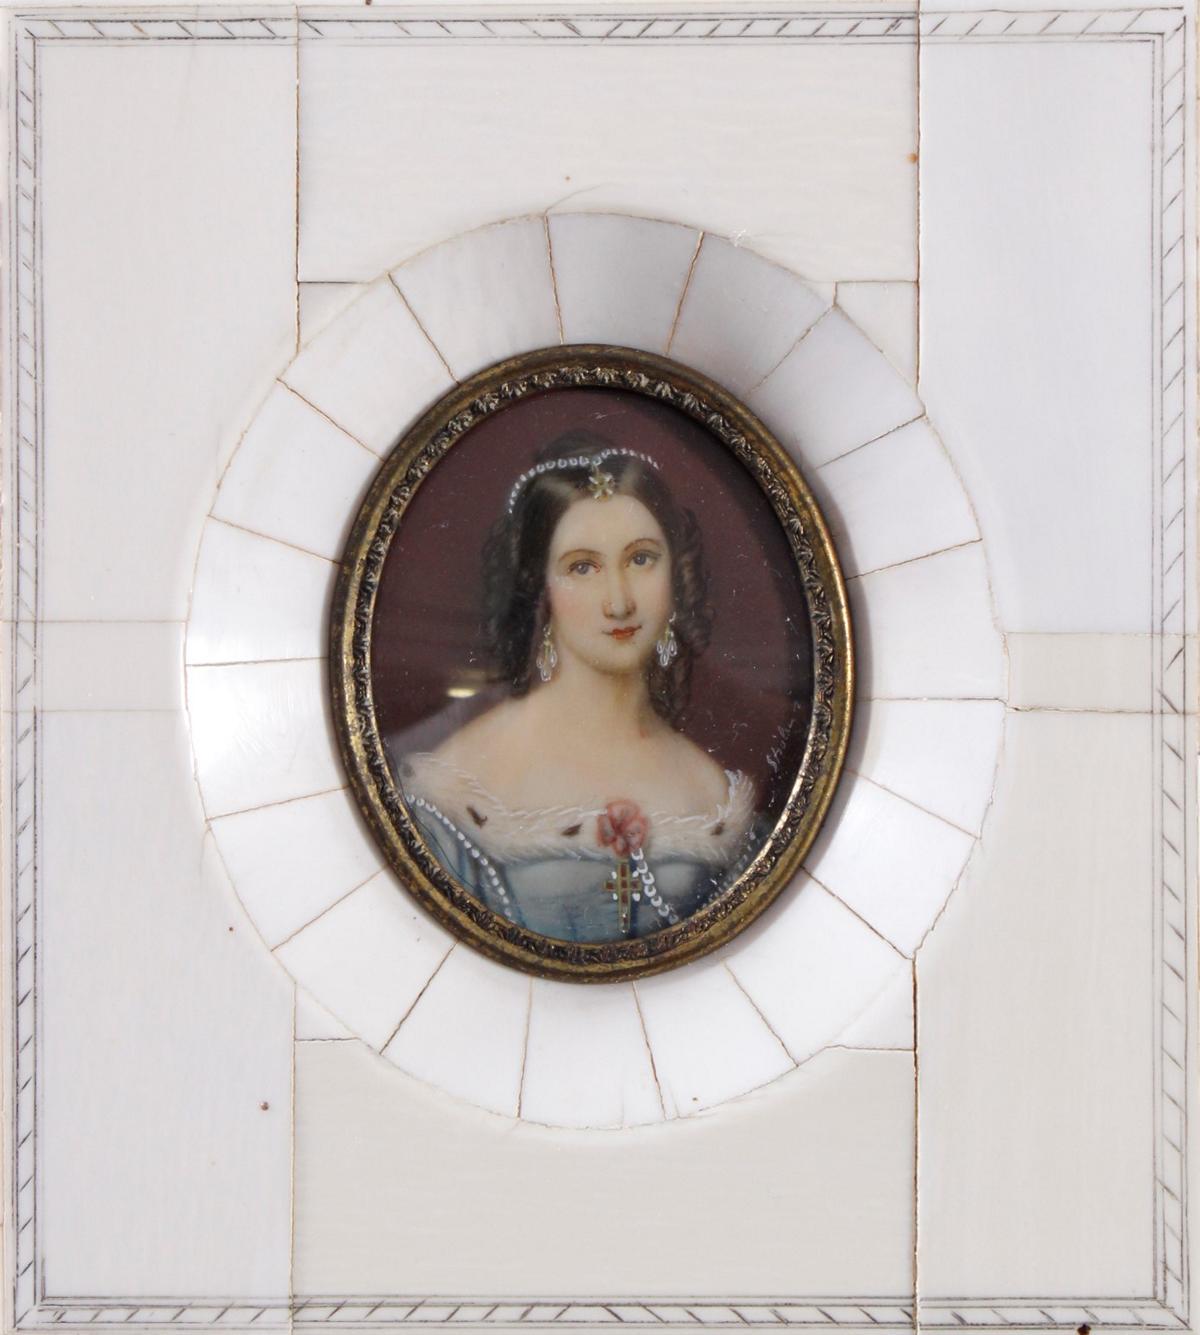 Elfenbein-Miniatur 'Charlotte v. Hagn' aus dem 19. Jh.